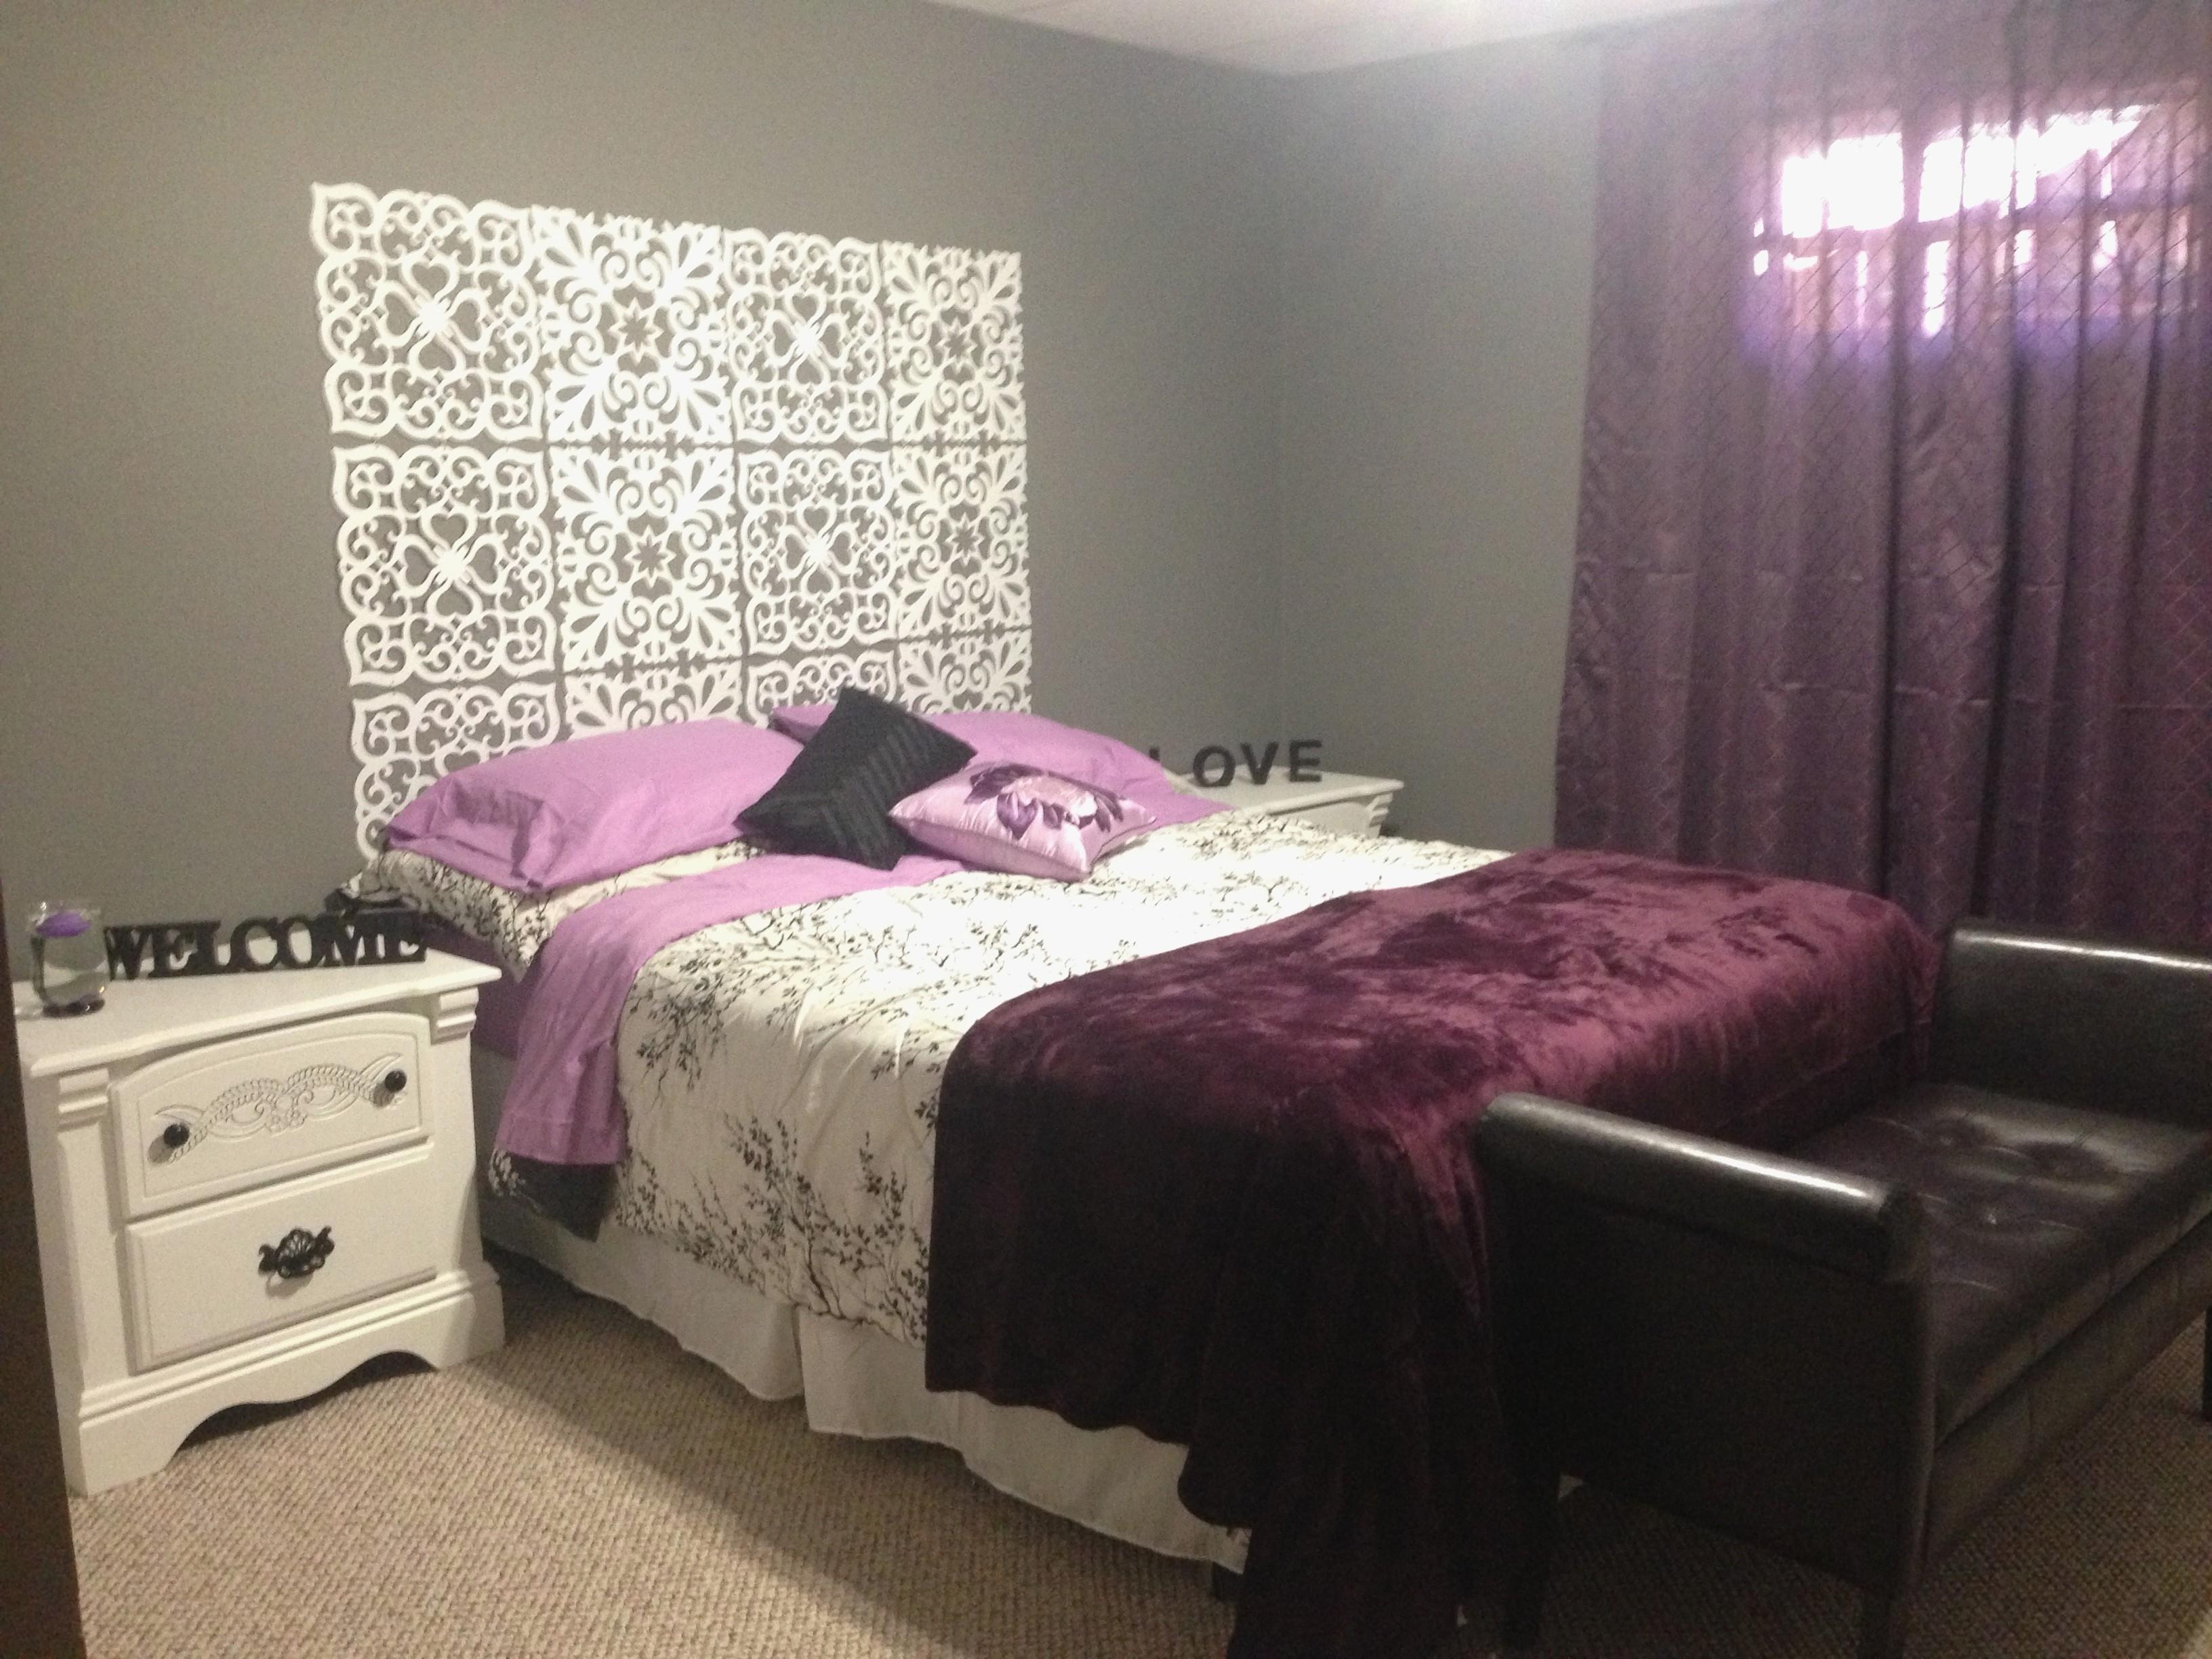 Luxury Design Of Purple And Grey Bedroom – Best Home Design Ideas For Recent Purple And Grey Wall Art (View 10 of 20)